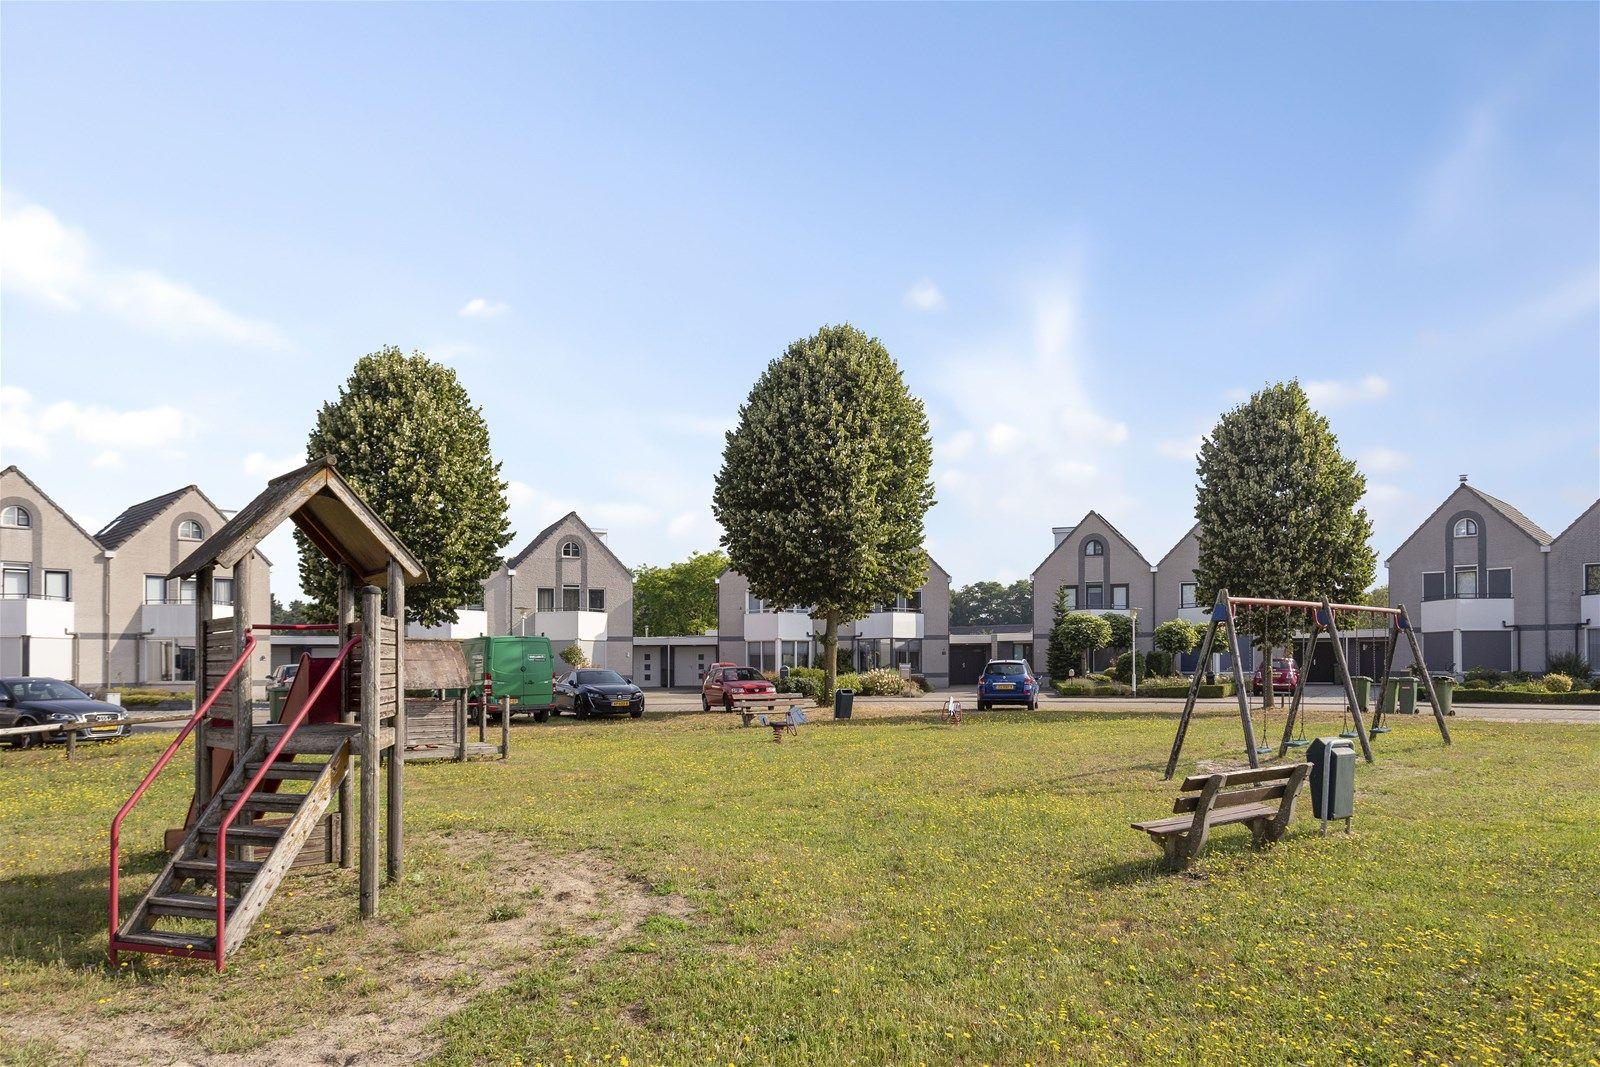 Deze energiezuinige geschakelde woning met garage, ruime oprit, aanbouw en royale achtertuin is gelegen aan een rustig woonerf met speelweide. Om de hoek bevindt zich de kinderboerderij en binnen enkele minuten zijn het zwembad, het sportcomplex, het dorpscentrum met al haar voorzieningen en natuurgebied -Pannenhoef- bereikbaar.  De woning is in de afgelopen jaren met een milieubewust oogmerk verbouwd/vernieuwd. Denk hierbij aan de 13 zonnepanelen (4.100 KwH p/j), vloerverwarming en een verwarmingssysteem welke wordt gestuurd op de buiten temperatuur.  De begane grond heeft een sfeervolle living, een moderne open keuken, een multifunctionele - en toiletruimte. De eerste verdieping heeft drie slaapkamers en een luxe badkamer uitgerust met o.a. een douche en ligbad. Op de tweede verdieping bevindt zich de voorzolder met opstelling van de cv combiketel, wasmachine- en droger aansluiting, omvormer zonnepanelen en vierde slaapkamer.  De diepe achtertuin heeft o.a. een fraaie overkapping met zitgedeelte en diverse terrassen. Daarnaast heeft men via deze tuin rechtstreeks toegang tot de kinderboerderij welke is afgesloten met een poort.  BEGANE GROND (= geheel voorzien van vloerverwarming) Entree/hal met toegang tot de toiletruimte, living en vaste trap naar de eerste verdieping. Afwerking- tegelvloer, spuitwerk wanden en een spuitwerk plafond. Meterkast- 9 groepen - aardlekschakelaarbeveiliging.  Toiletruimte met -zwevend- toilet, fonteintje en mechanisch ventilatie systeem. Afwerking- tegelvloer met deels betegelde en deels stucwerk wanden. Het plafond is tevens afgewerkt met stucwerk.  Sfeervolle living voorzien van een dubbelwandig rookkanaal. Afwerking- tegelvloer, stucwerk wanden en een spuitwerk plafond.  Moderne open keuken (2010) voorzien van een schiereiland met bar en wandkast. De keuken is uitgerust met een kunststof aanrechtblad, combimagnetron, stoomoven, keramische kookplaat (5 pits), quooker (2014), vaatwasser, RVS afzuigkap en inbouwspots. Afwerking- tegel